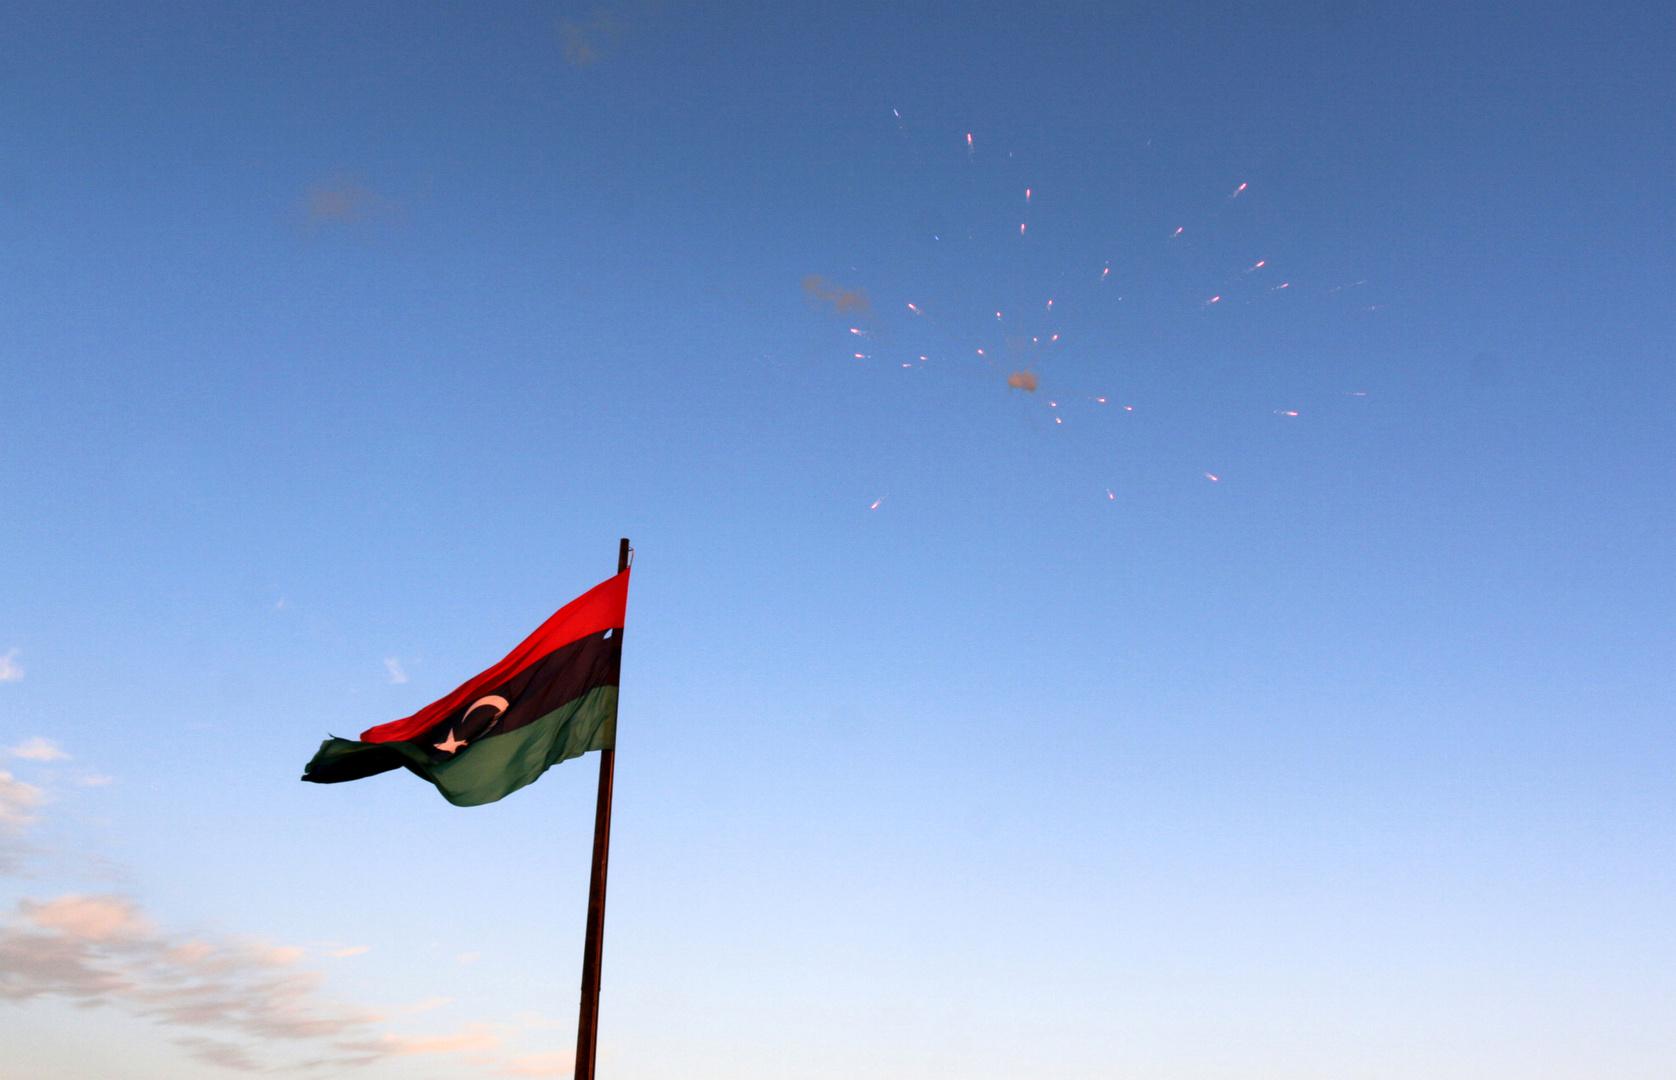 ليبيا.. اللجنة العسكرية توافق على تأمين اجتماع مجلس النواب في سرت